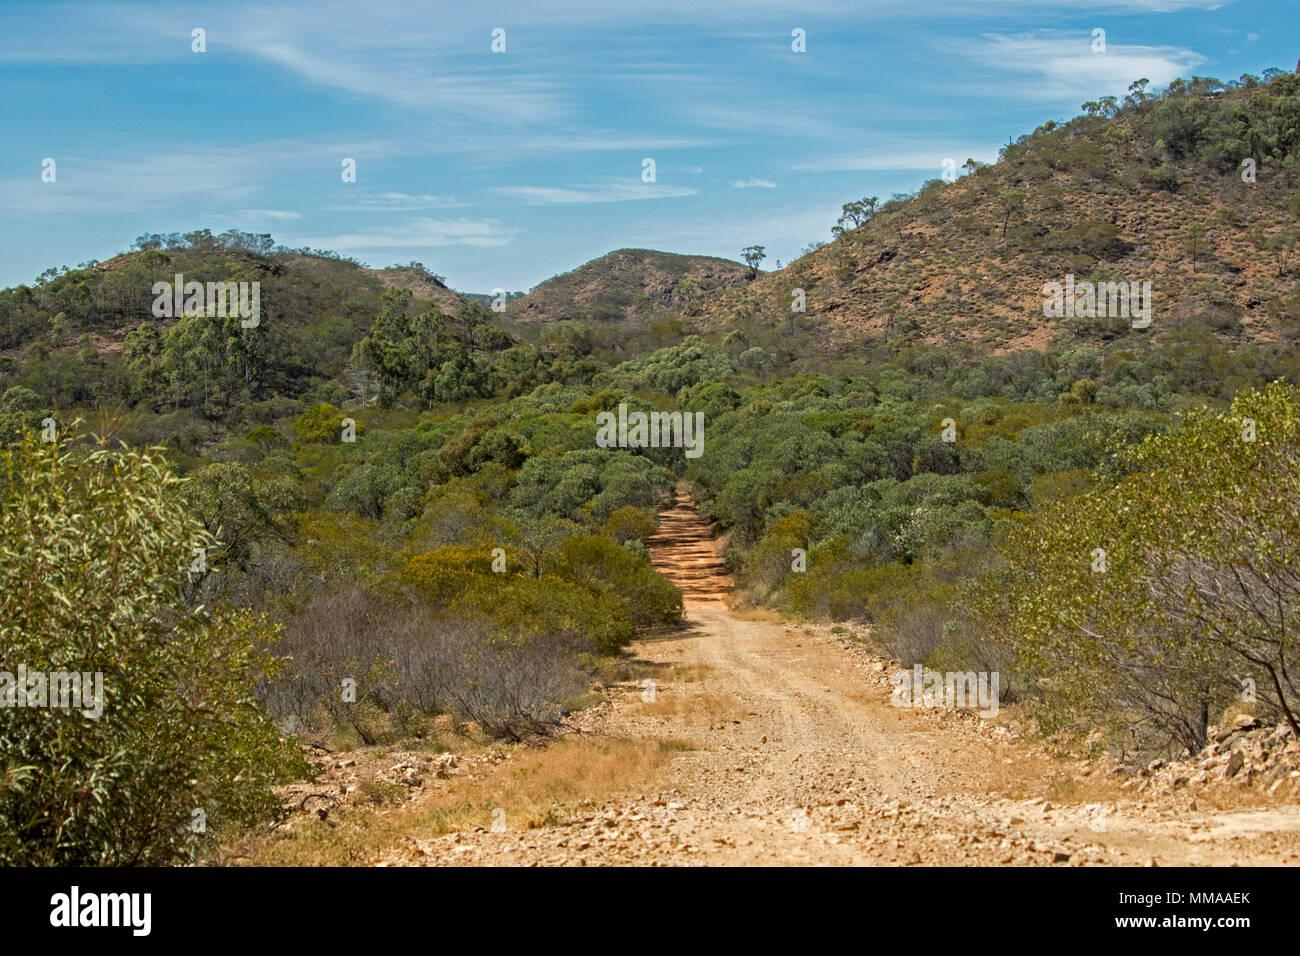 Landschaft mit Wäldern von Eukalyptusbäumen durch schmale, unbefestigte Straße in Minerva Hills National Park, in der Nähe von Springsure, Queensland, Australien Stockbild